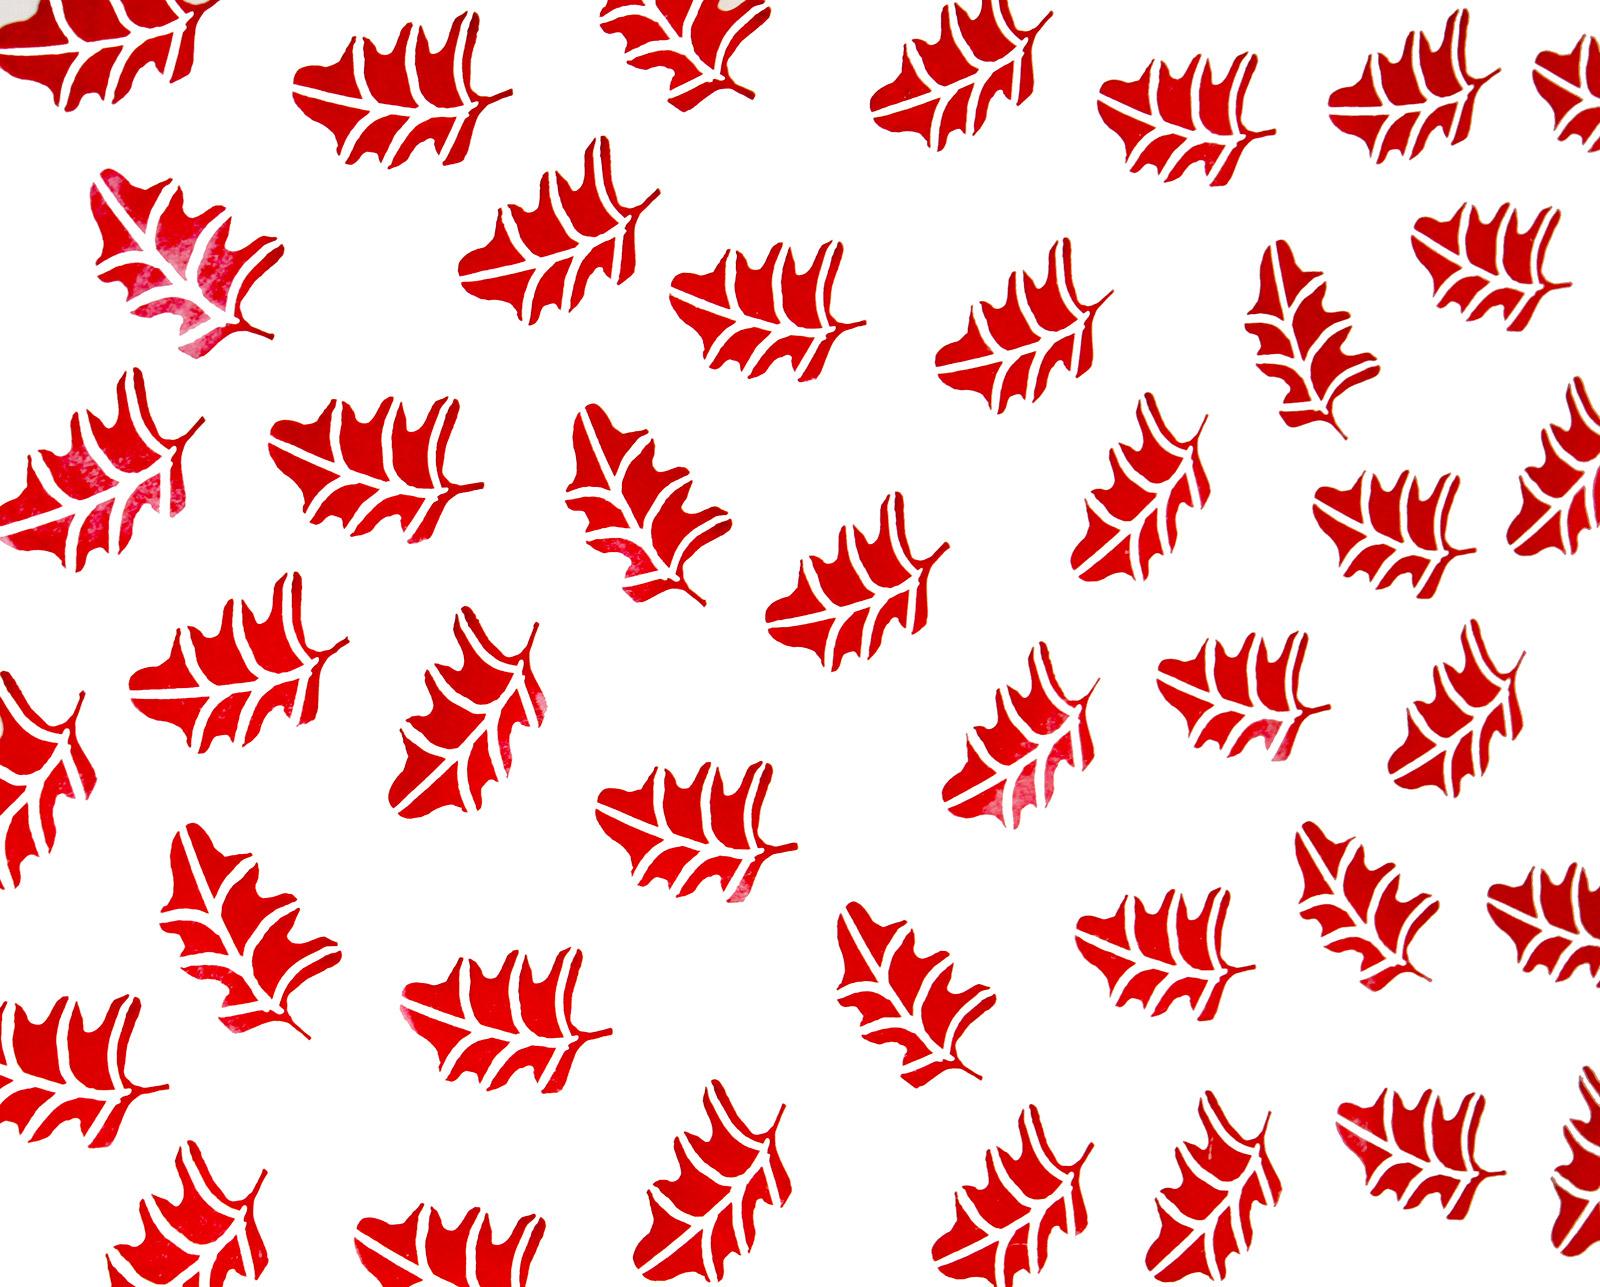 Carta regalo stampata a mano - foglia rossa